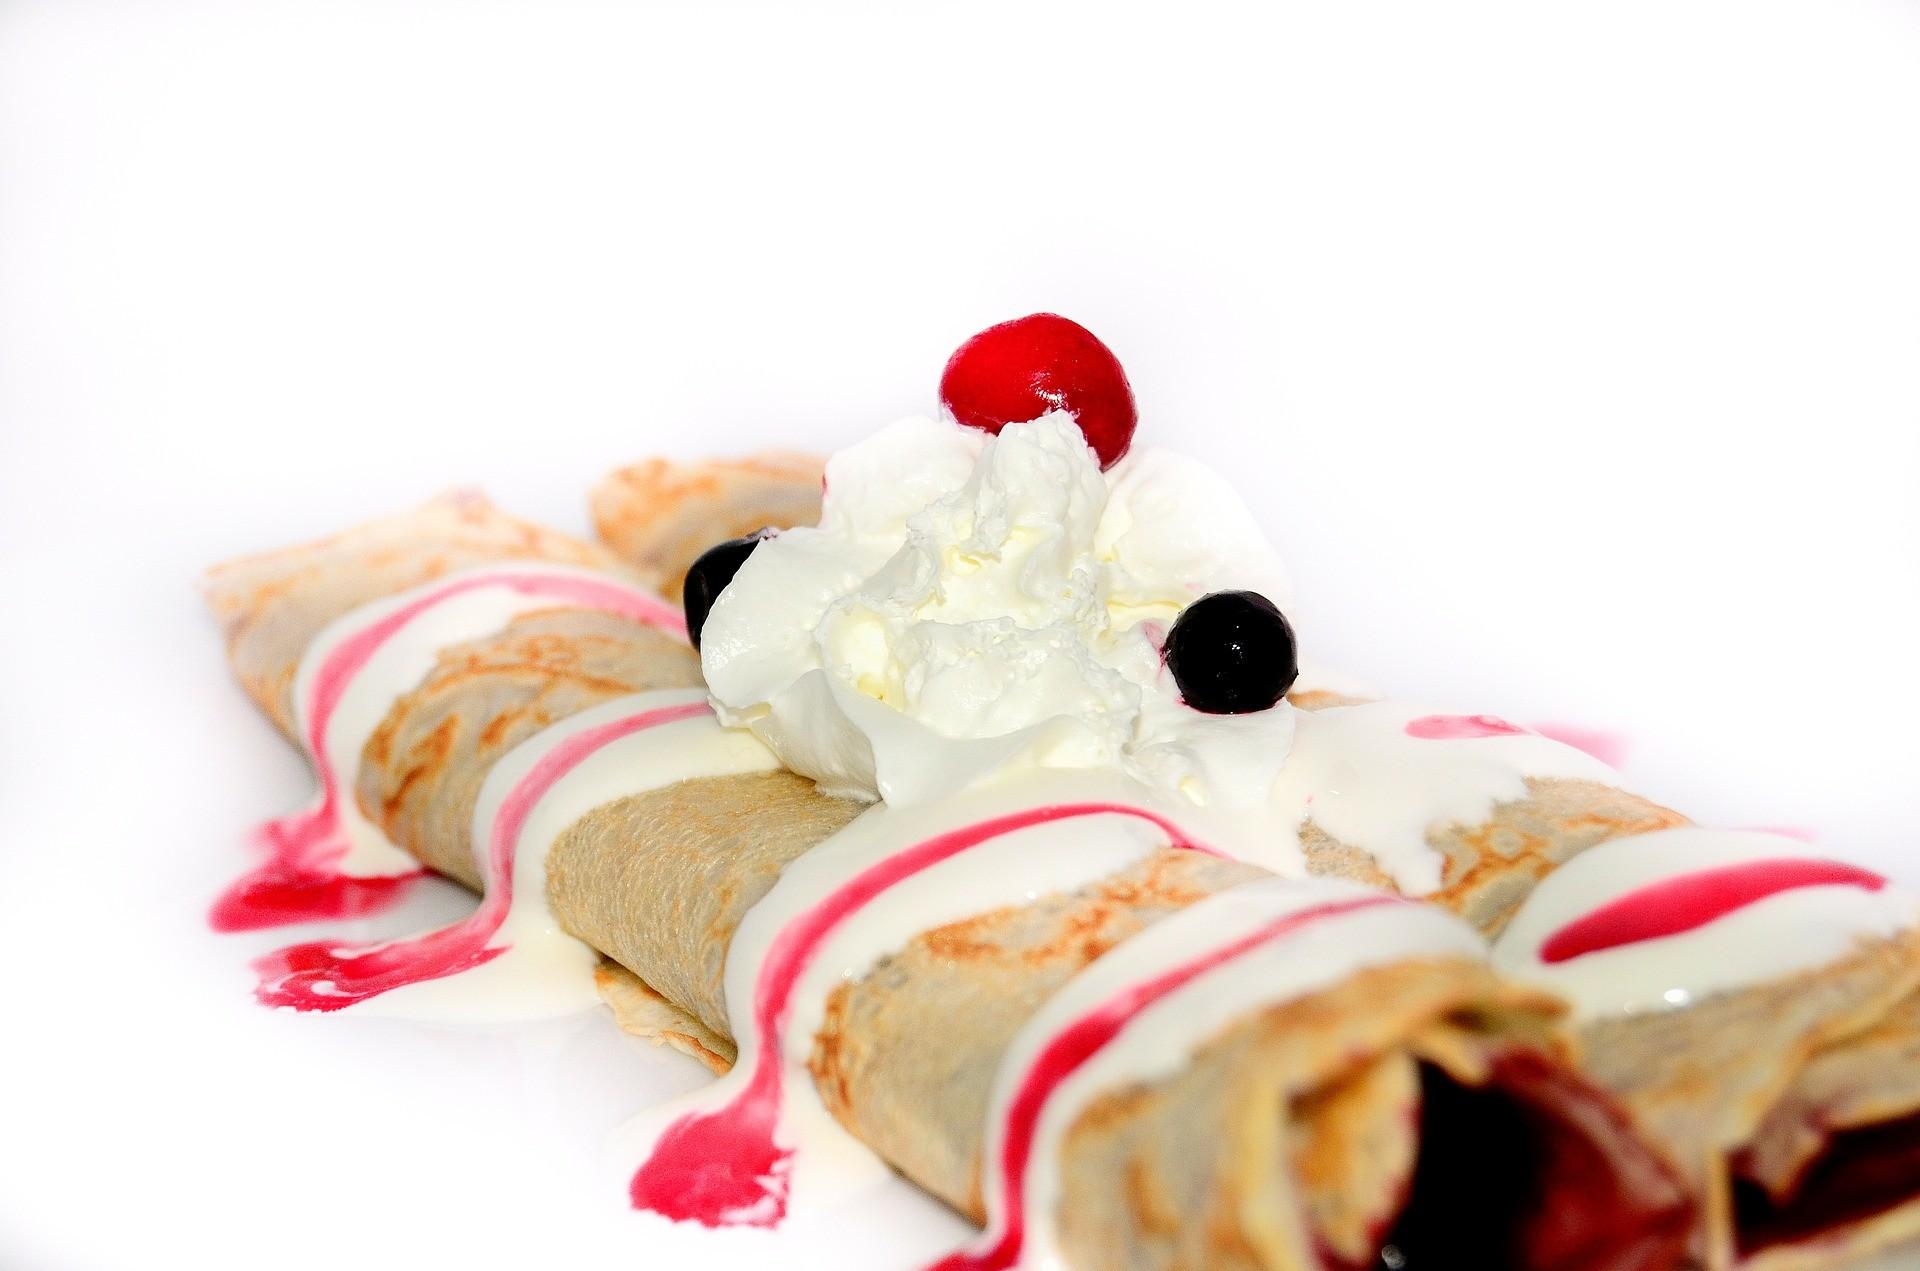 pancakes-282222_1920